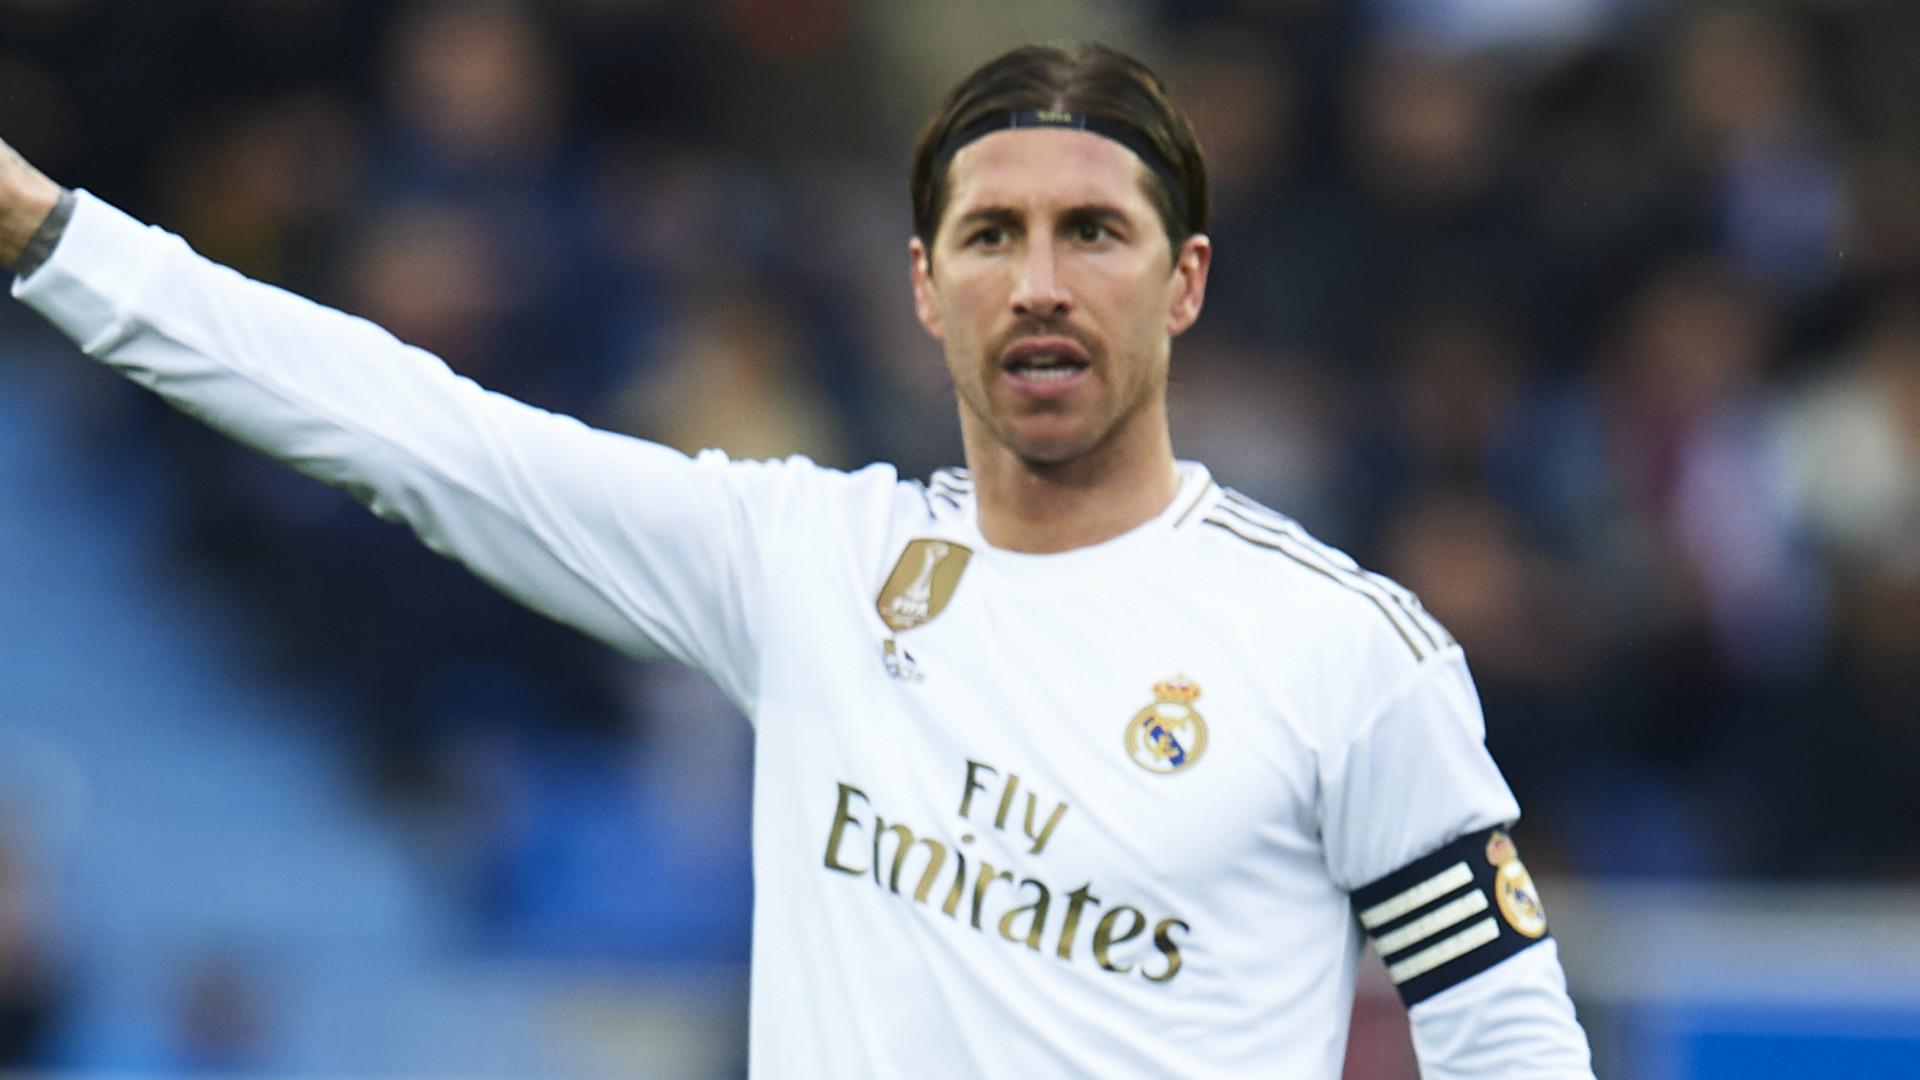 LIVE: Real Madrid vs Atletico Madrid